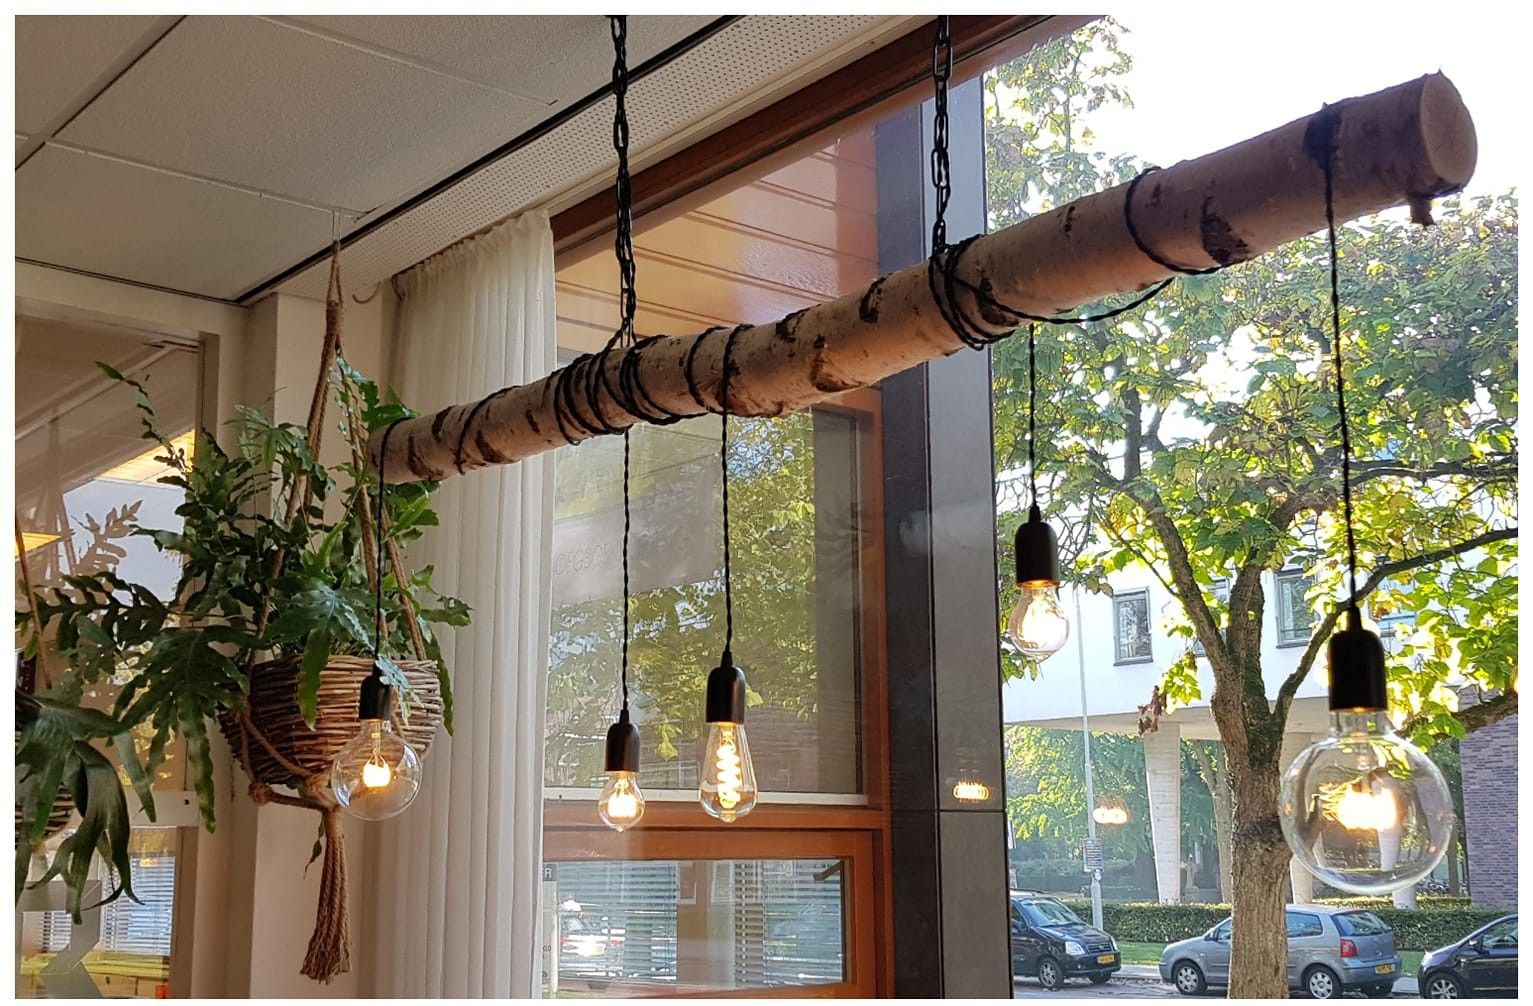 Zelf Een Lamp Maken Van Hout Gebruik Ons Stappenplan Lampen Maken Huis Ideeen Decoratie Zelfgemaakte Lampen